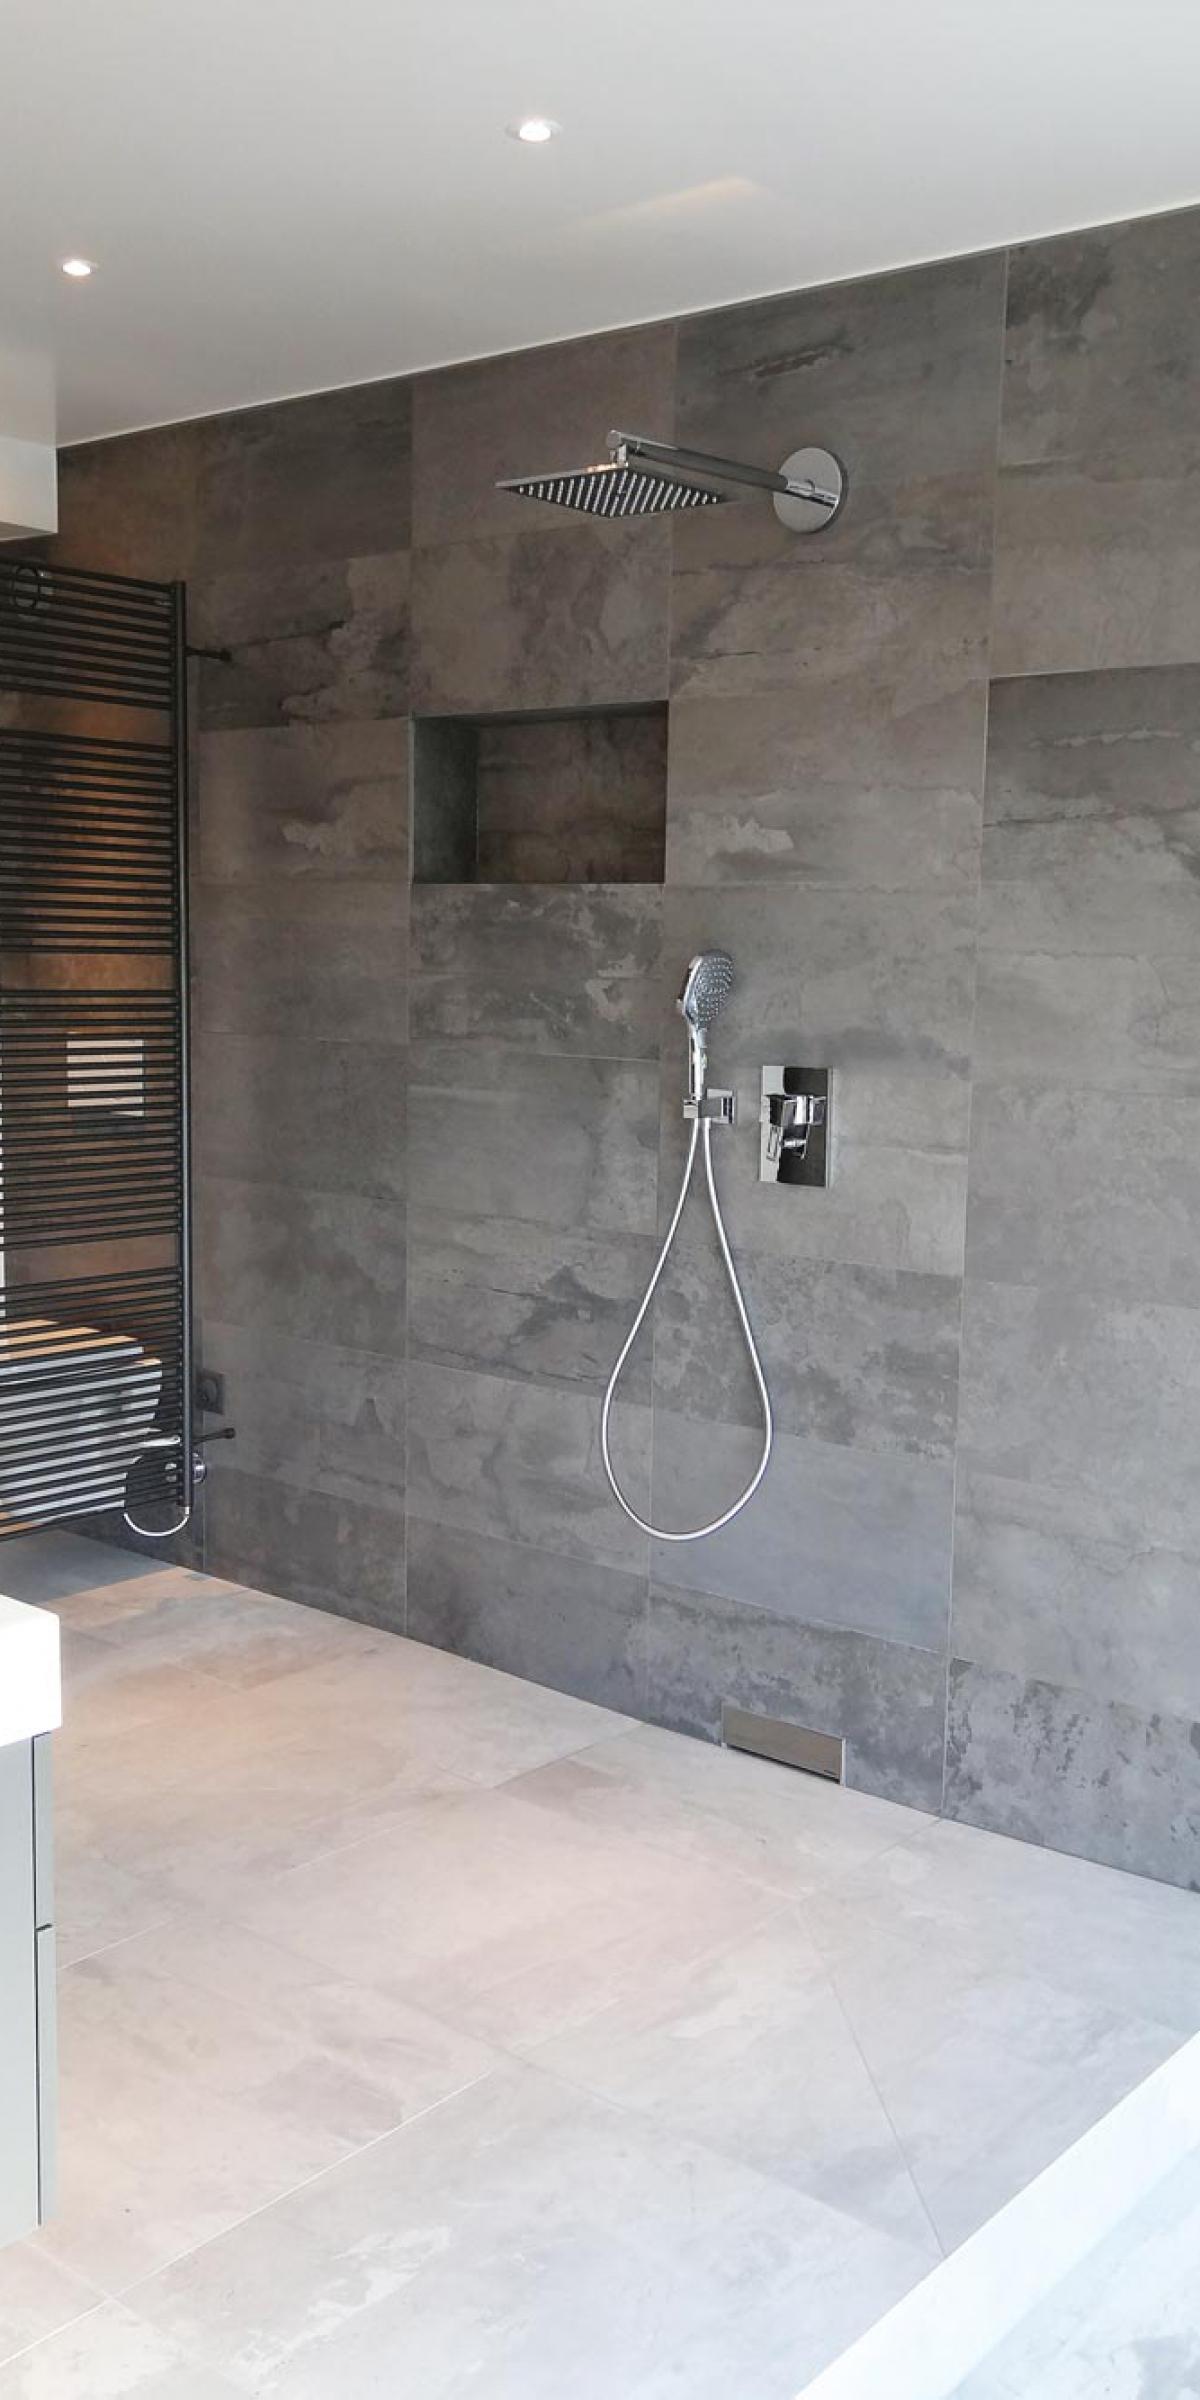 Projet 2 – Rénovation et  modernisation d'une salle de bain